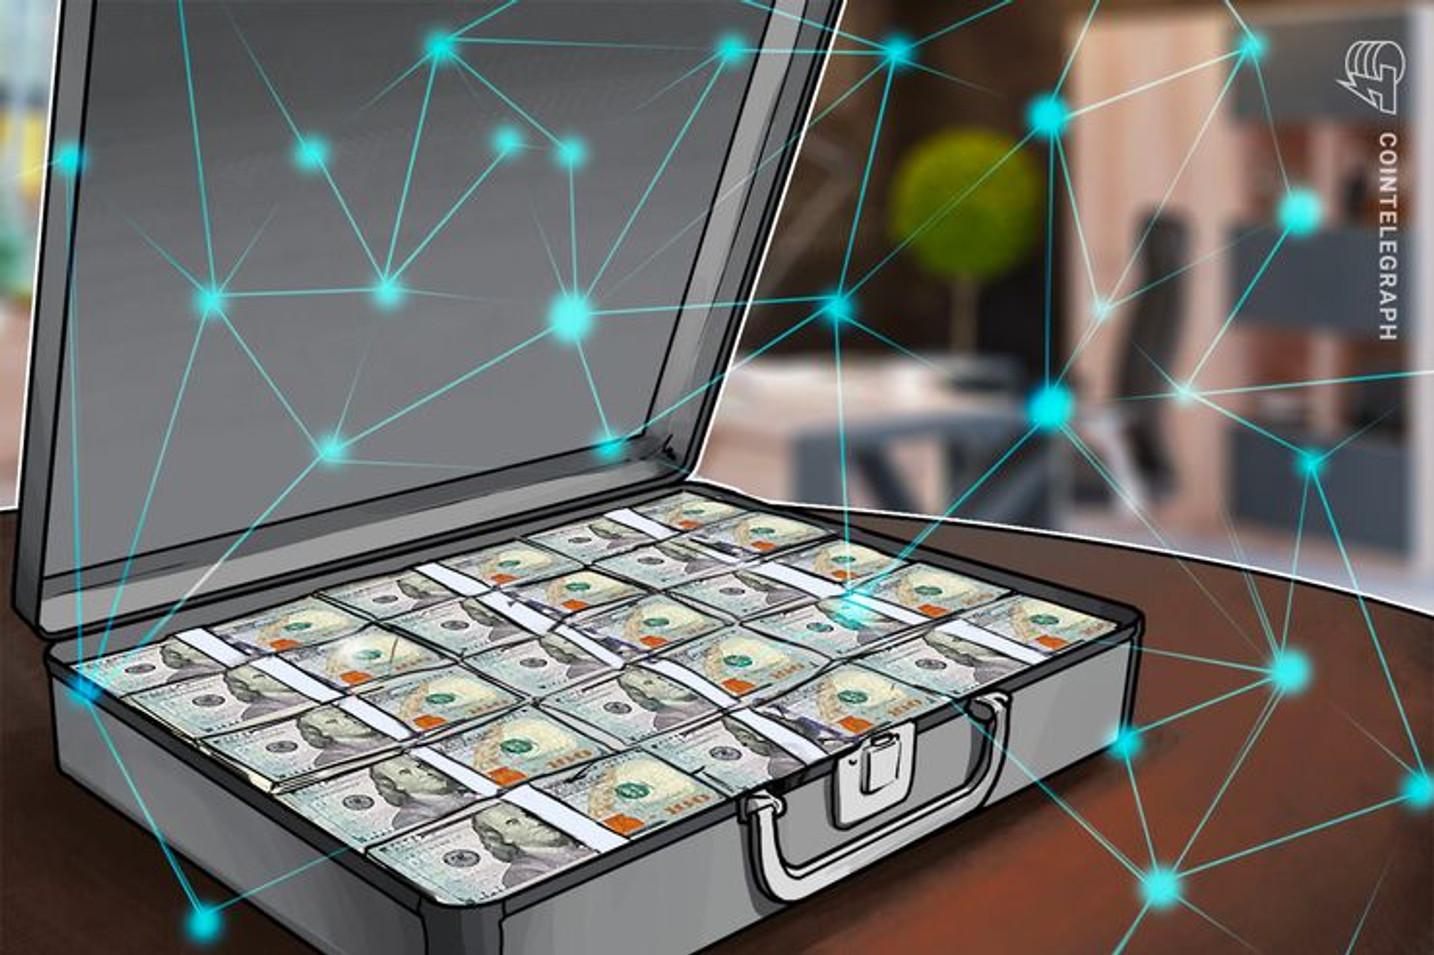 El neobanco europeo Viva Wallet obtiene una financiación de 80 millones de dólares